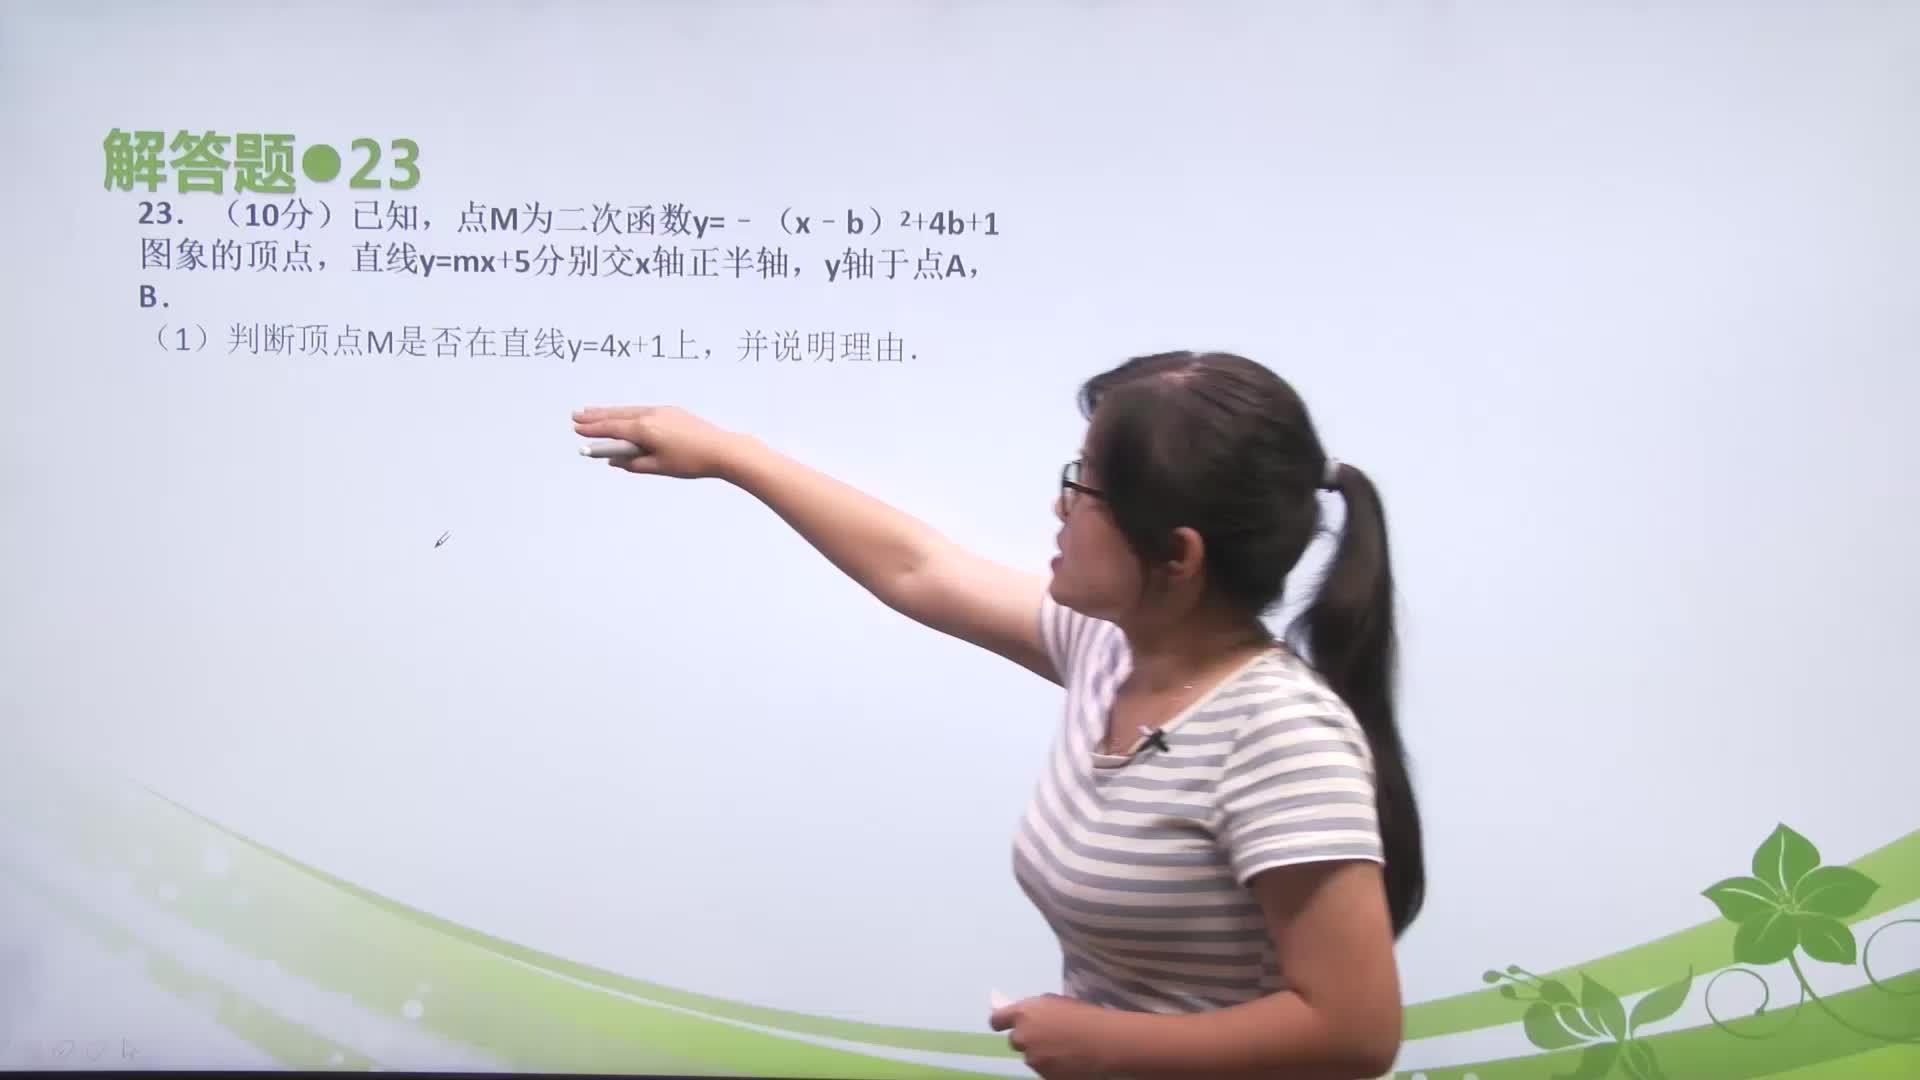 2018年嘉兴中考数学试卷严格遵循教育部《义务教育数学课程标准》(2011年版)七〜九年级的内容和要求,着重考查七〜九年级数学的基础知识、基本技能、基本思想、基本活动经验,以及发现问题,提出问题,分析问题,解决问题的能力。适用于浙教版数学知识点考察。  主要体现以下特点:  1、注重通性通法,淡化特殊技巧;  2、体现时代要求、贴近生活实际,避免非数学本质的、似是而非的试题。  3、试题的情境设计力求背景公平,试题的设问方式力求多样;  4、试题的有层次,适度综合、适度开放有一定探索性的试题,不同学习程度的学生均有机会发挥自己的真实水平  韩老师在这里会以你的角度,去阅读这份试卷,思考问题,抛出疑问,在题目中寻求重要信息,一步步分析思路,在推倒出具体步骤。你会在老师的讲解下,会恍然大悟,知道我也可以轻松解决中考题的。  正在九年级奋斗的你,快来看看中考卷是什么样的吧,我们该怎样去征服它,希望通过老师的视频讲解,在接下来的学习中有目标,有方向。通过自己的努力考出自己心仪的分数,加油! [来自e网通客户端]